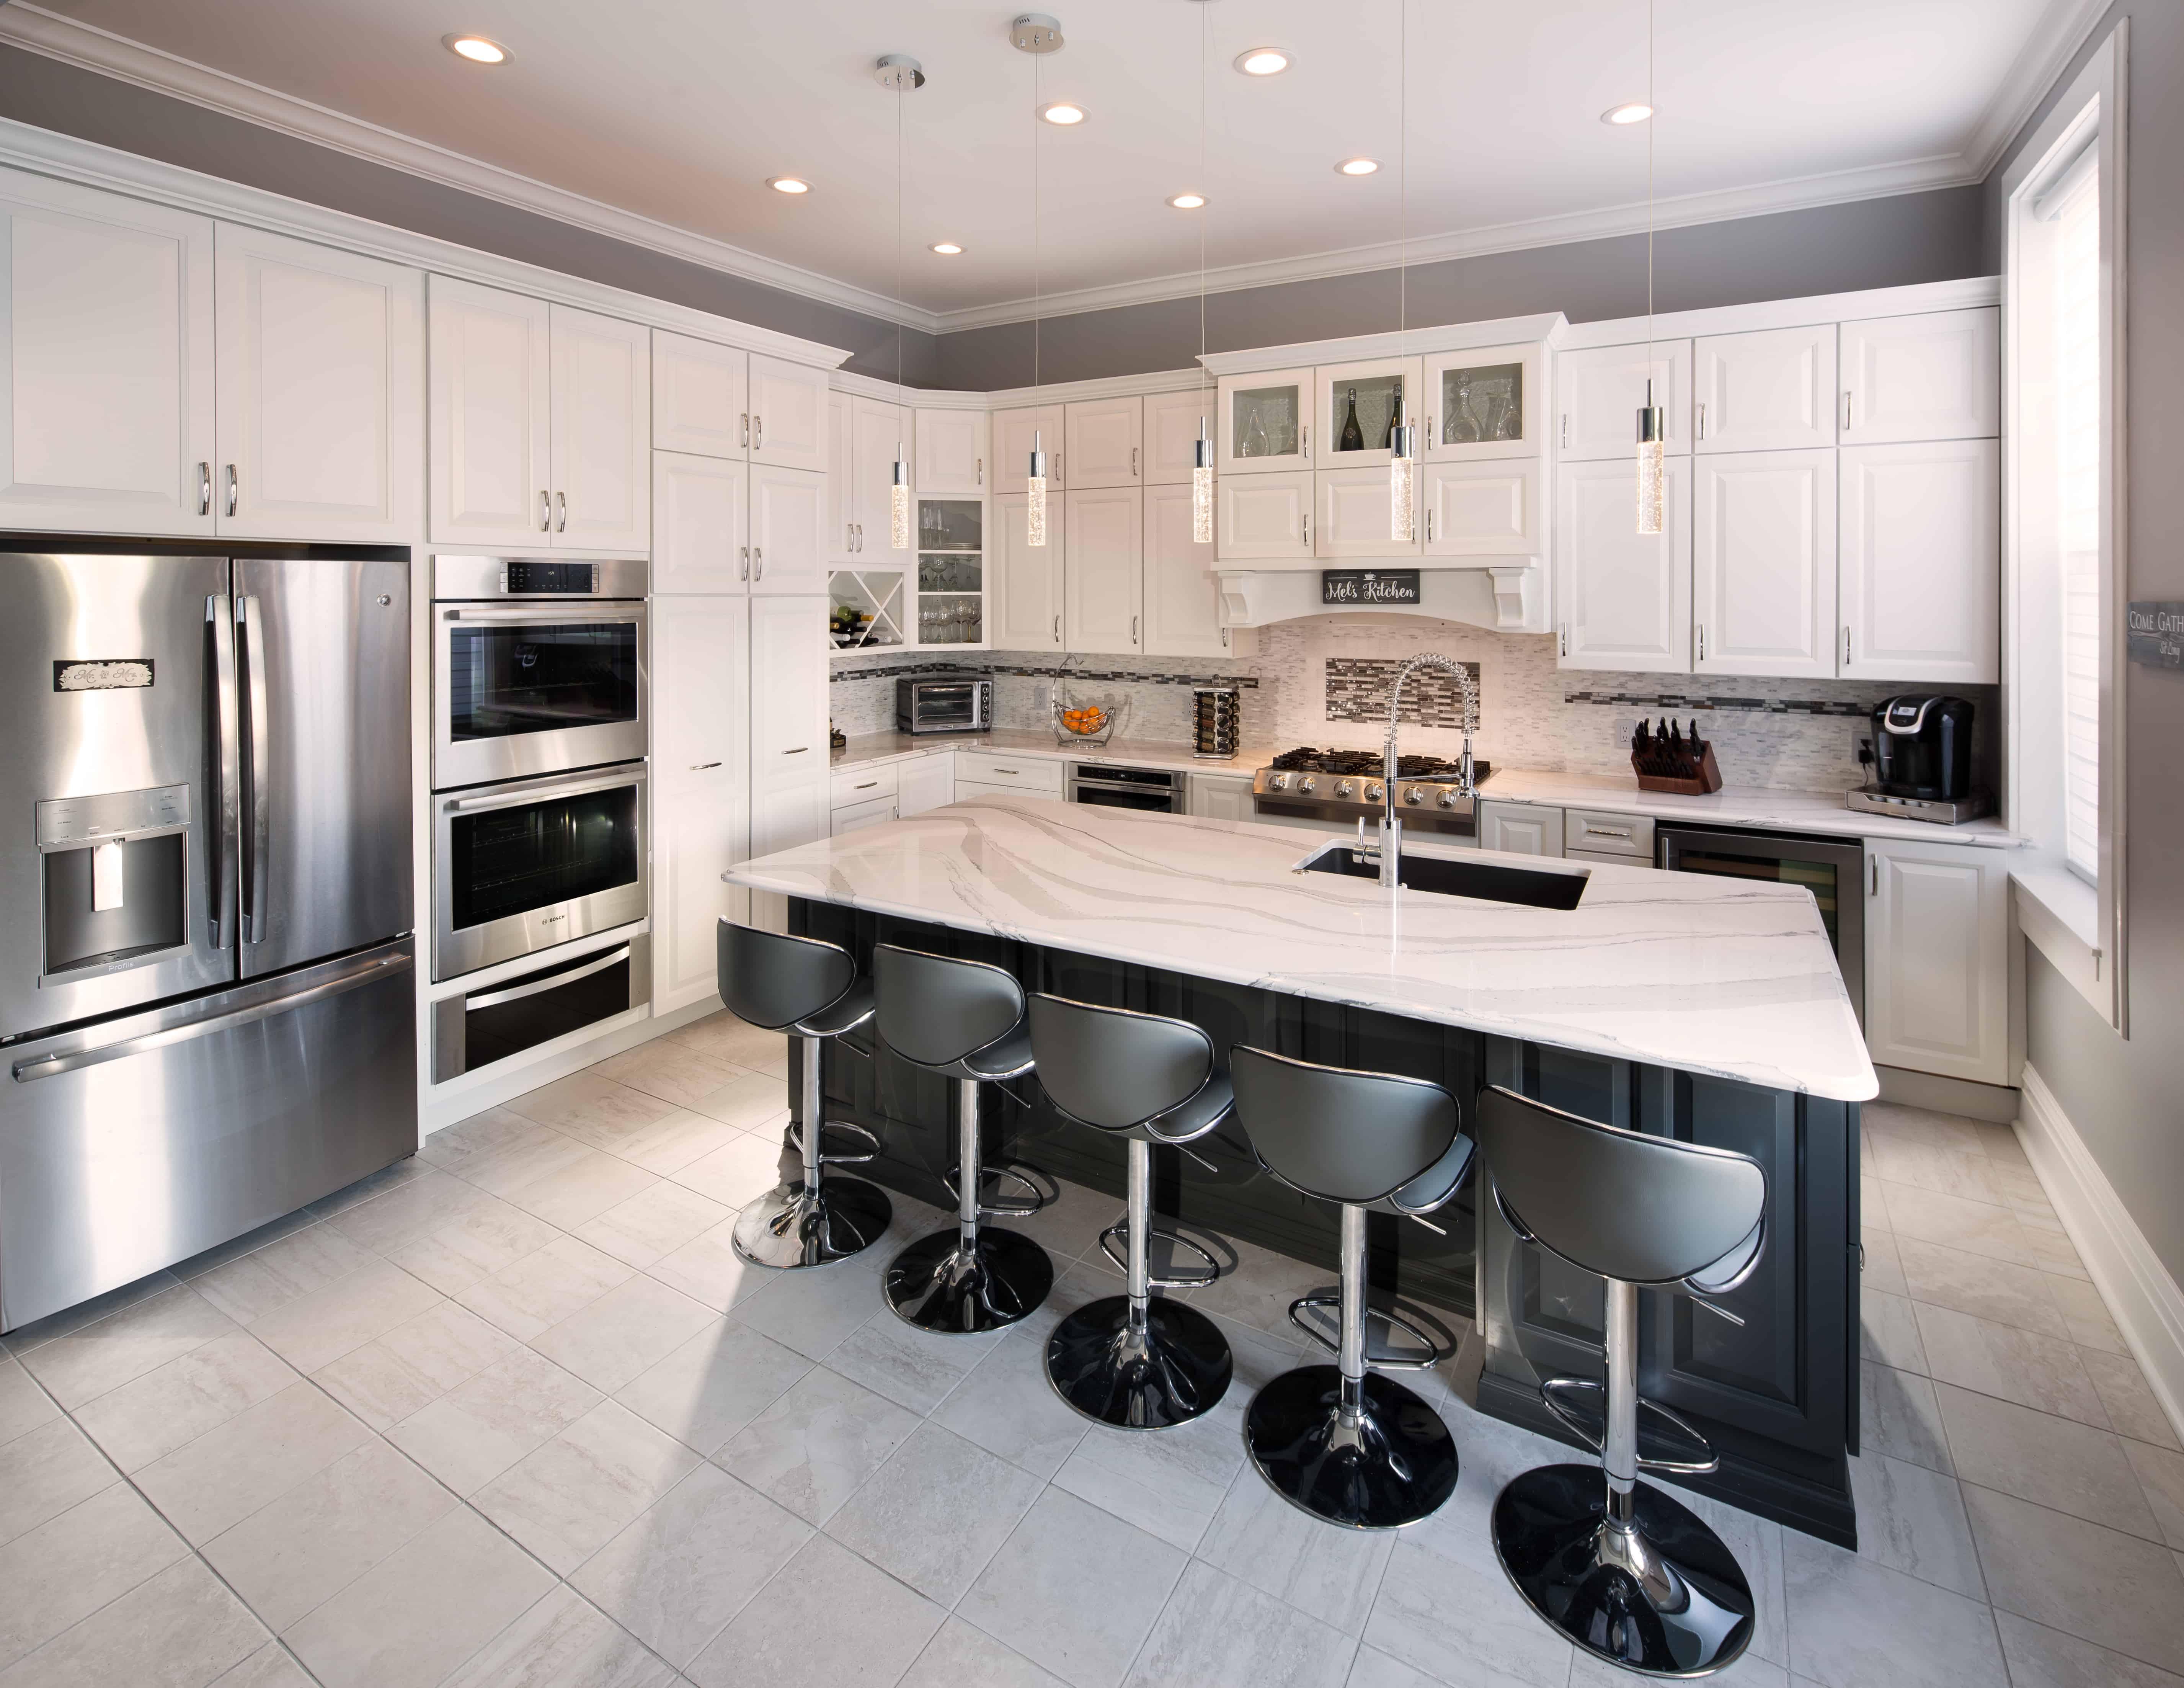 Gourmet Kitchen Remodel Create Your Dream Gourmet Kitchen